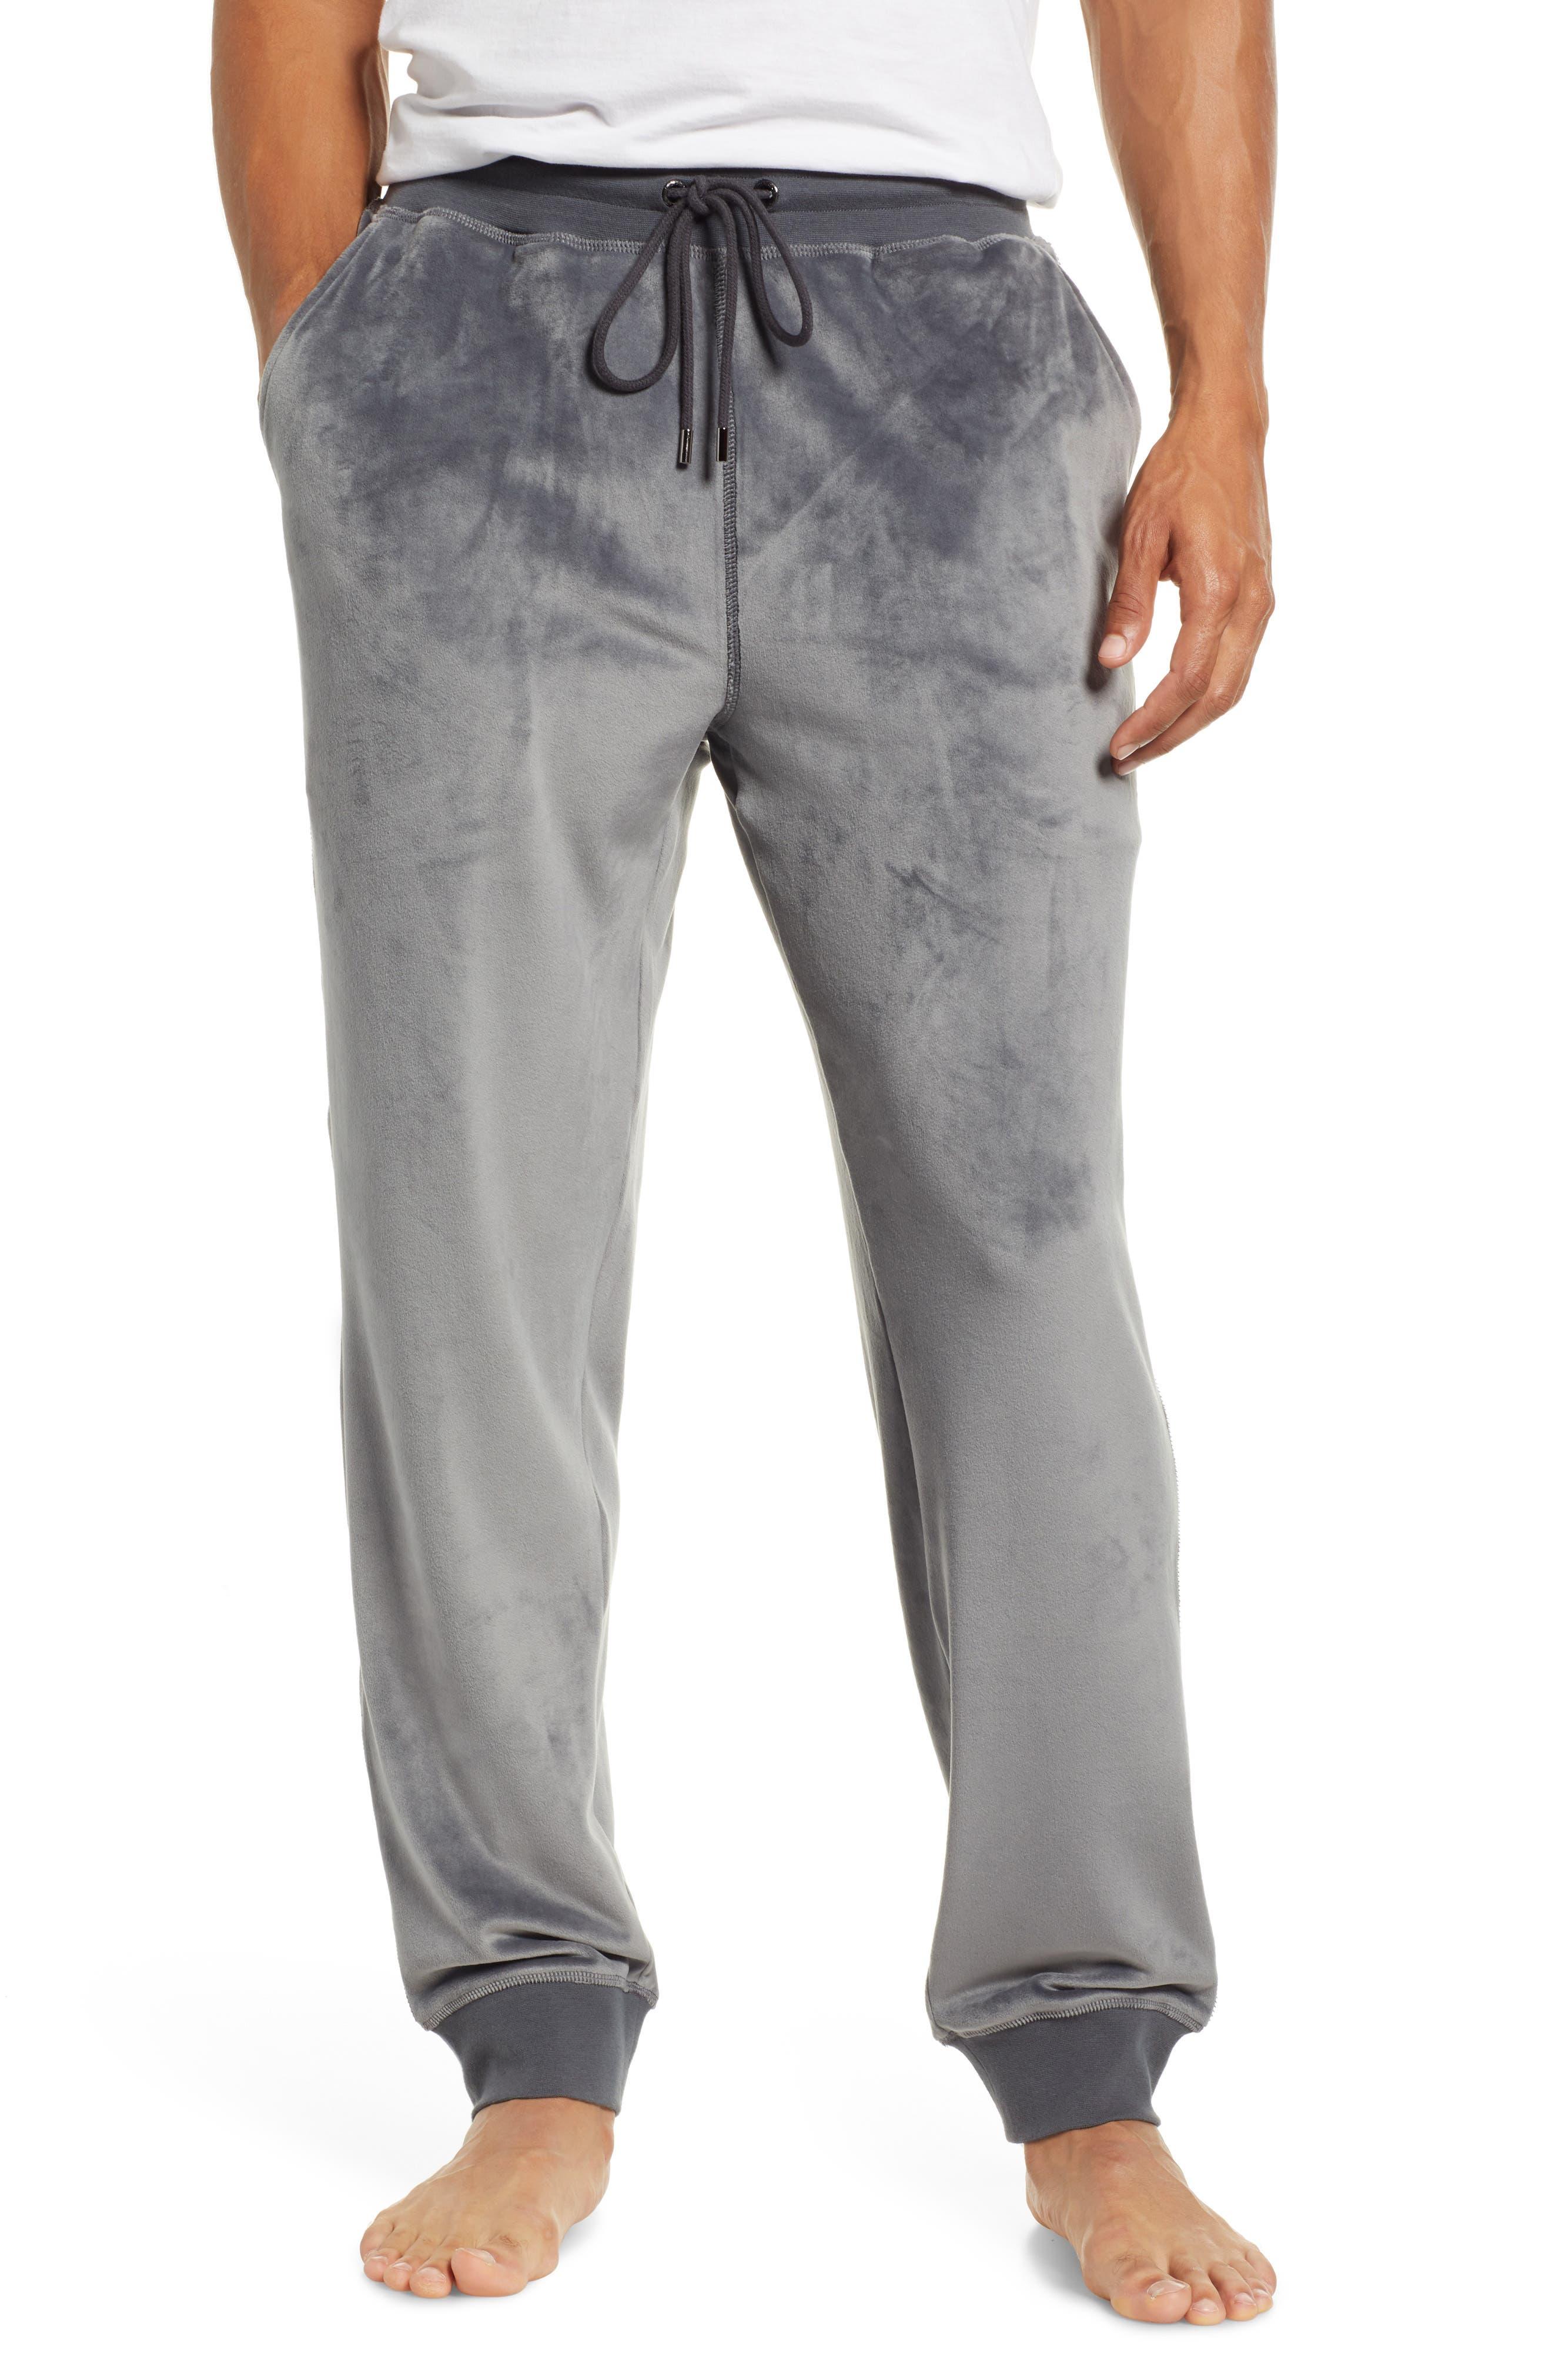 Velour Lounge Pants,                         Main,                         color, GREY